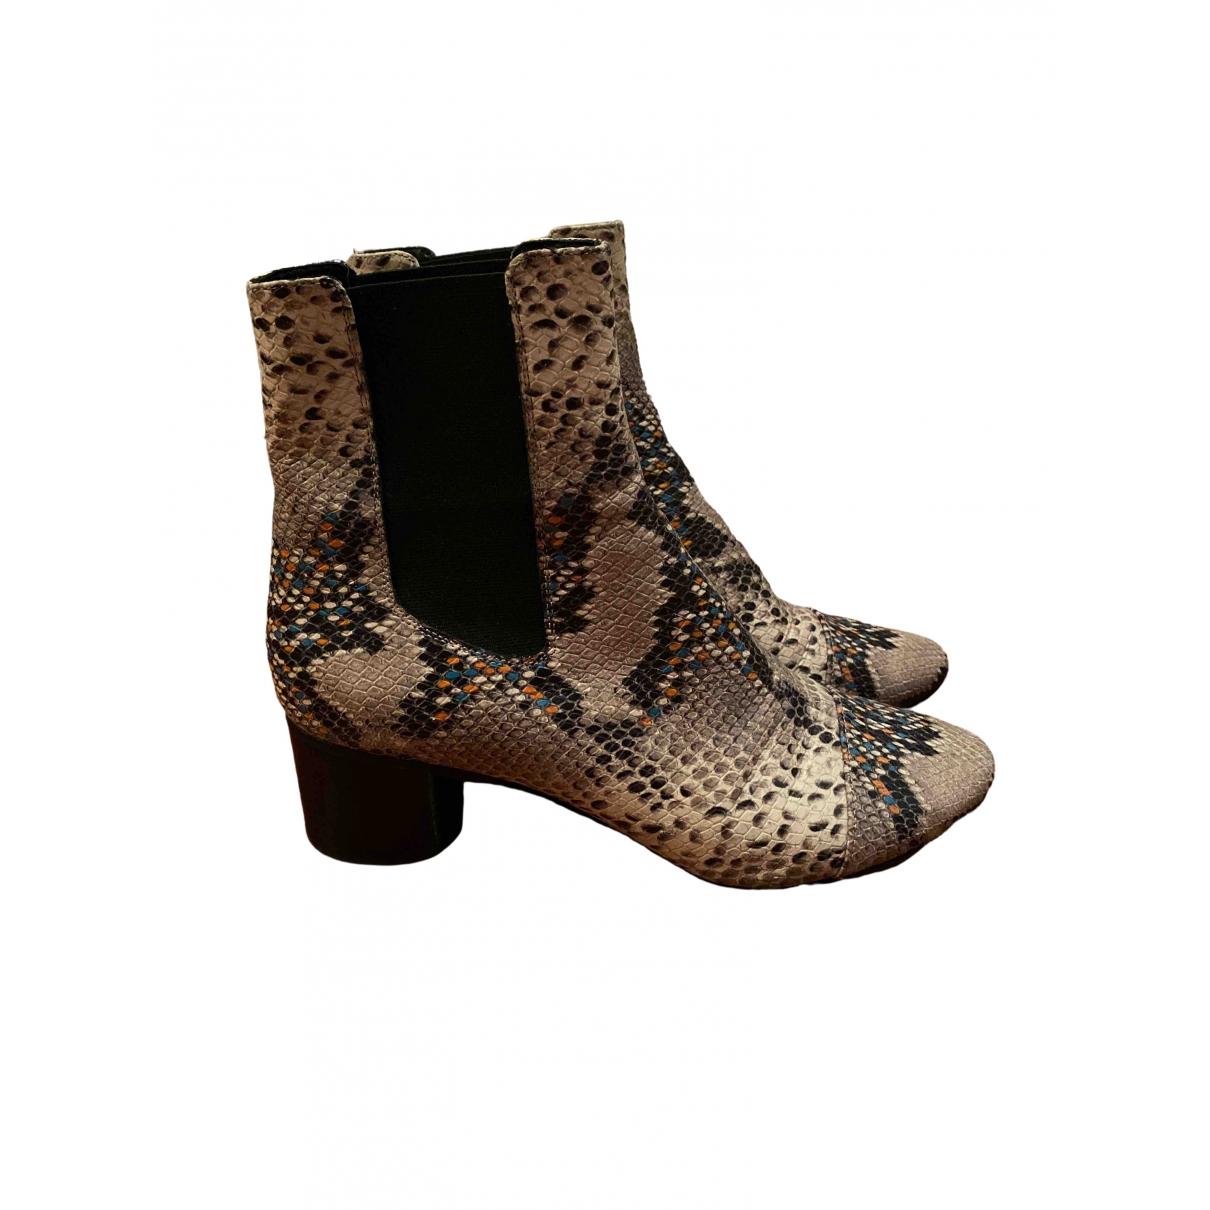 Isabel Marant - Boots Danae pour femme en cuir - beige